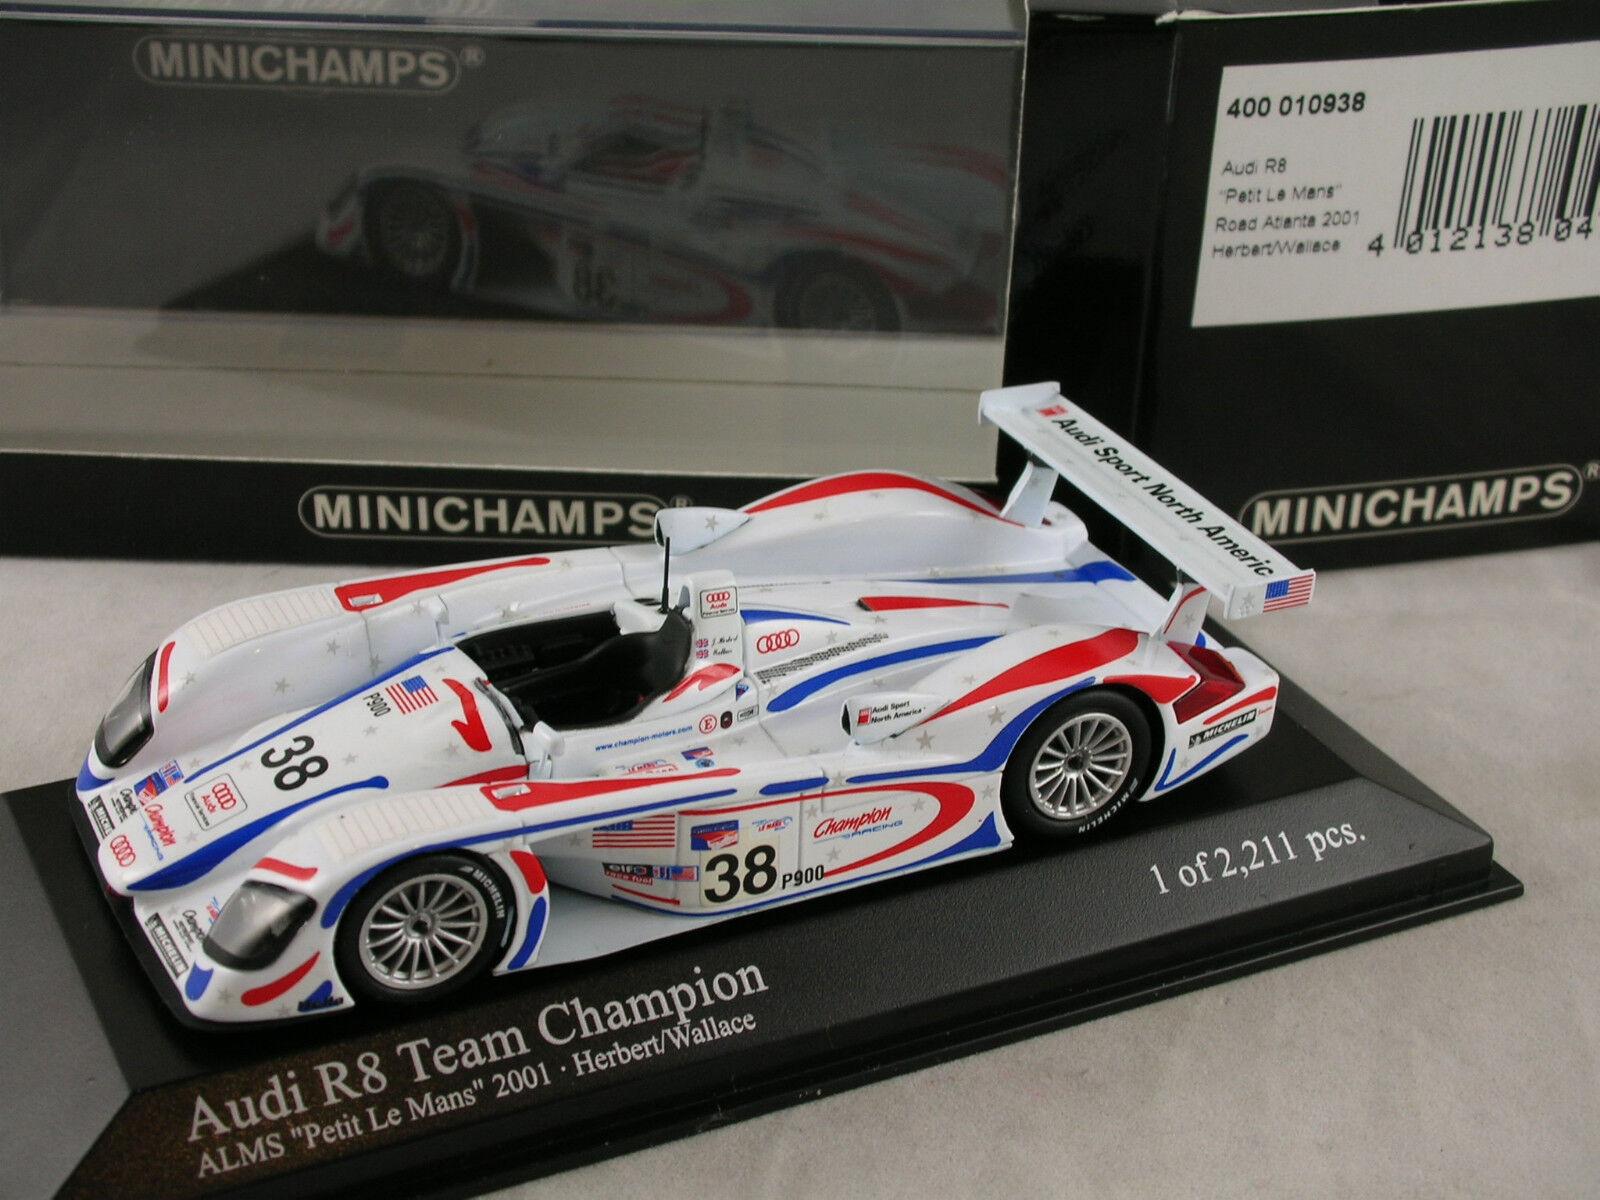 Minichamps AUDI AUDI AUDI R8 equipo campeón de la limosna  Petit Le Mans  2001 Herbert Wallace 49d6a9